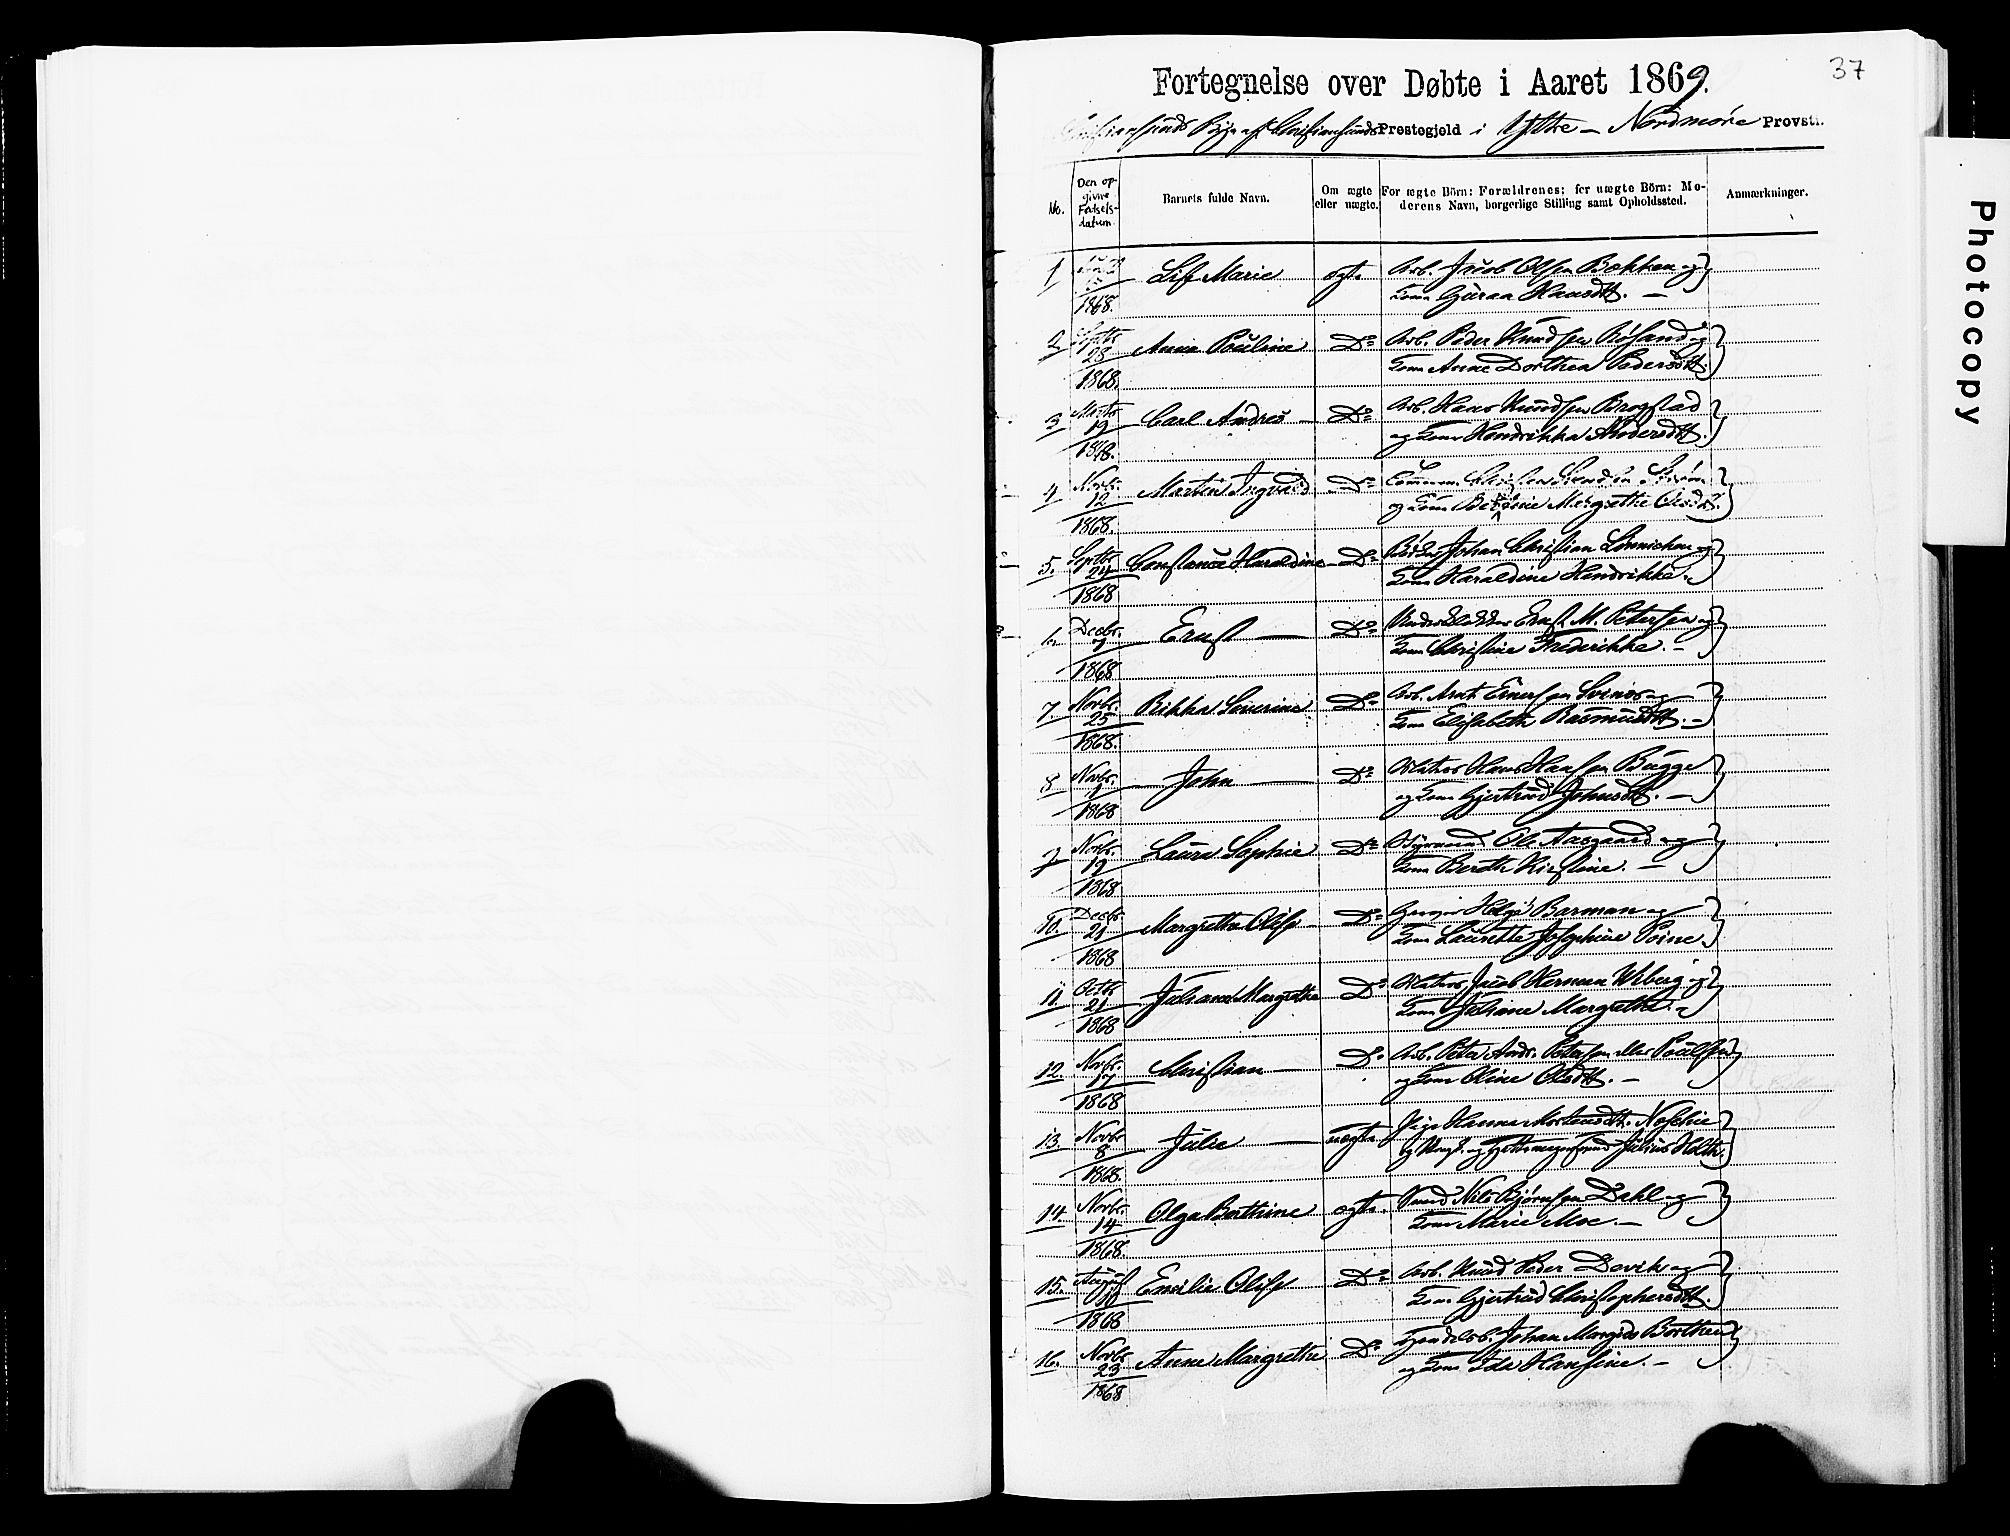 SAT, Ministerialprotokoller, klokkerbøker og fødselsregistre - Møre og Romsdal, 572/L0857: Ministerialbok nr. 572D01, 1866-1872, s. 37